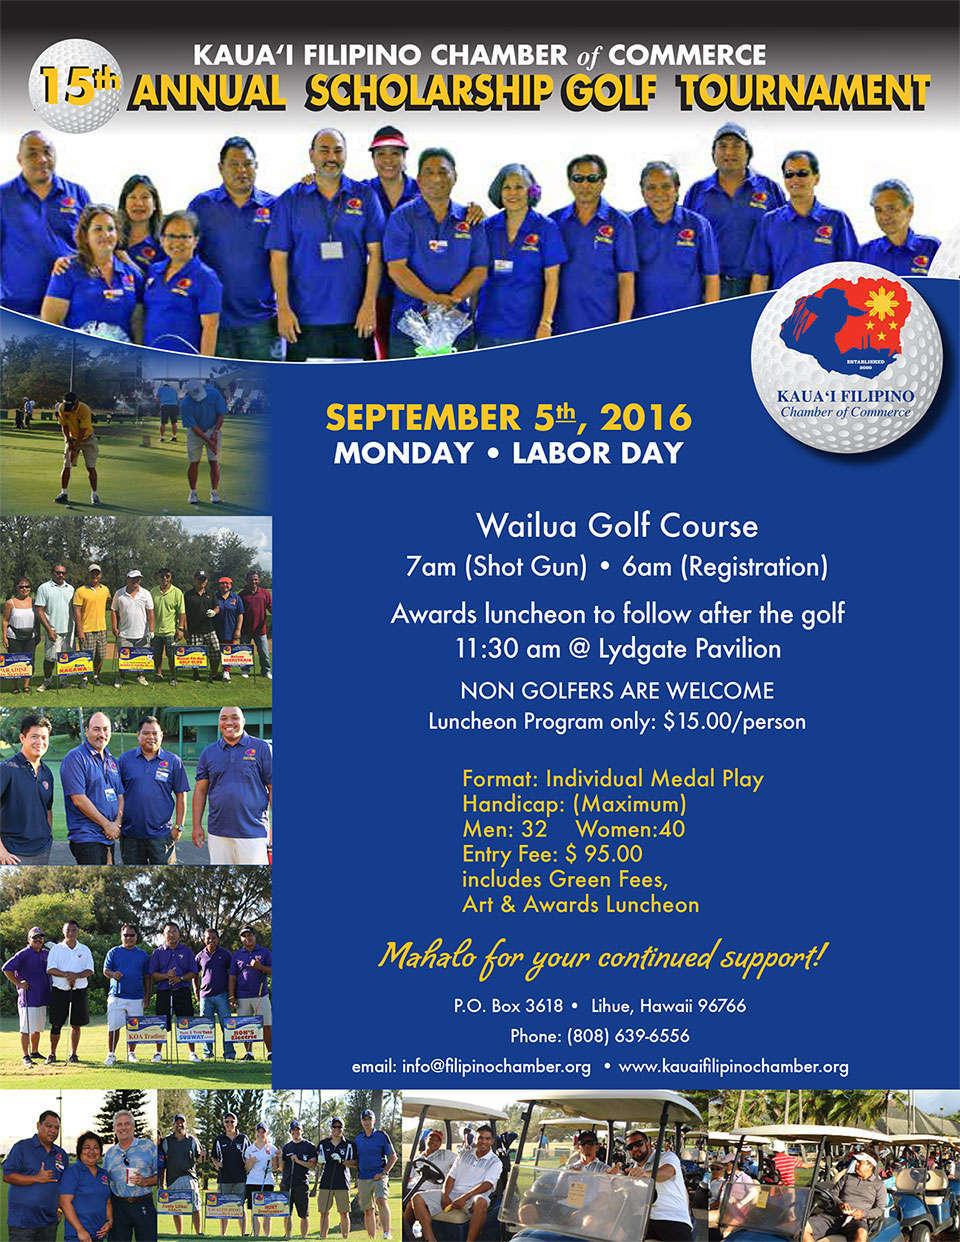 15th Annual Kauai Filipino Chamber of Commerce Scholarship Golf Tournament